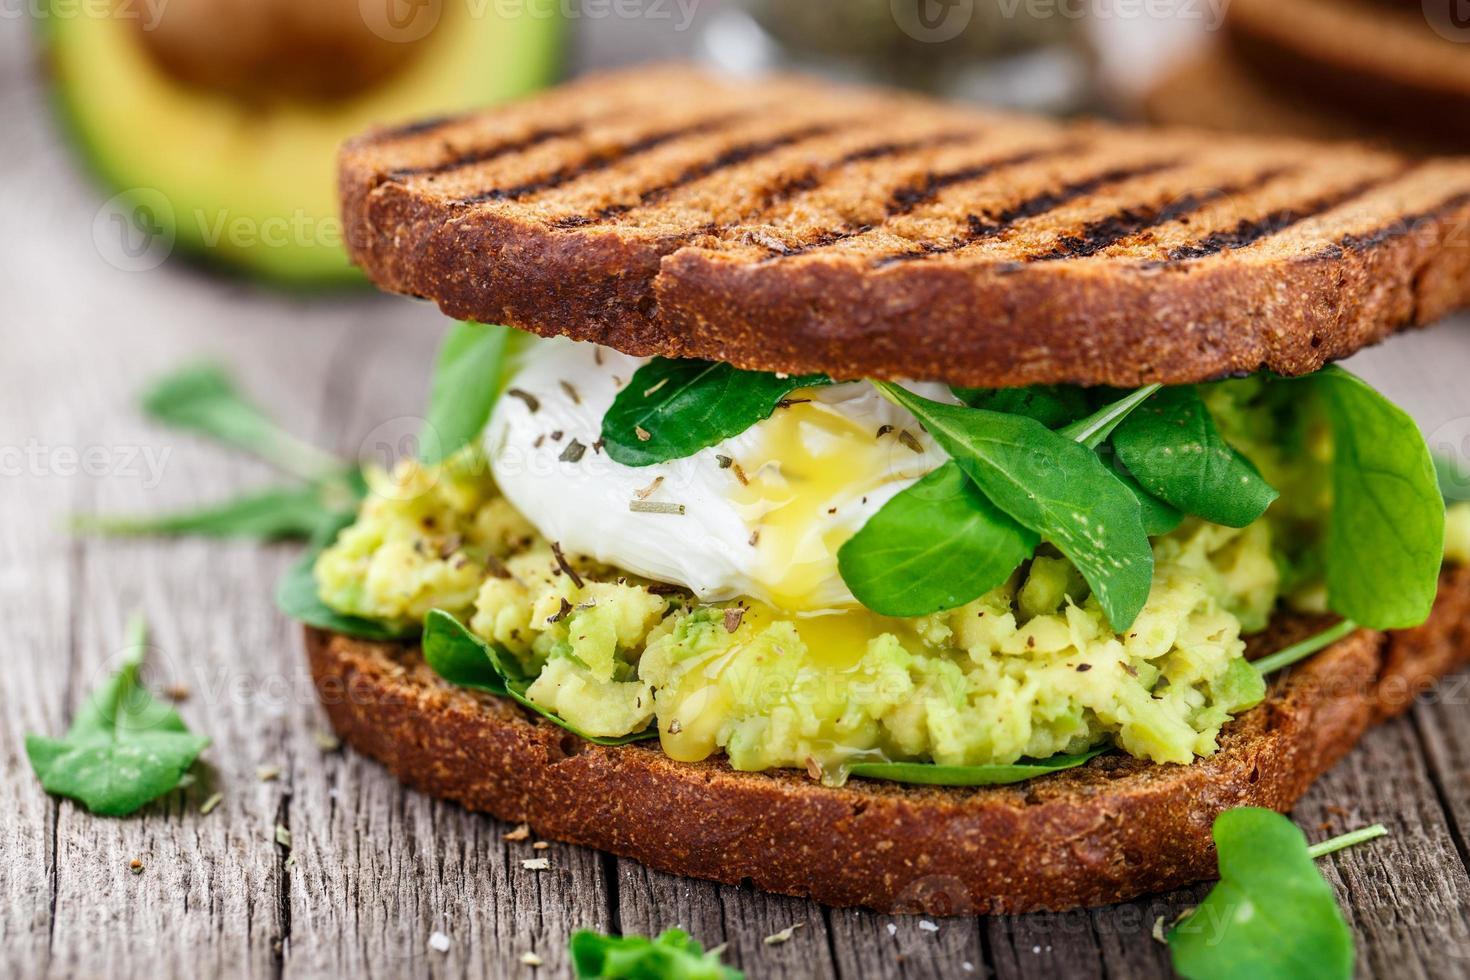 sandwich con aguacate y huevo escalfado foto